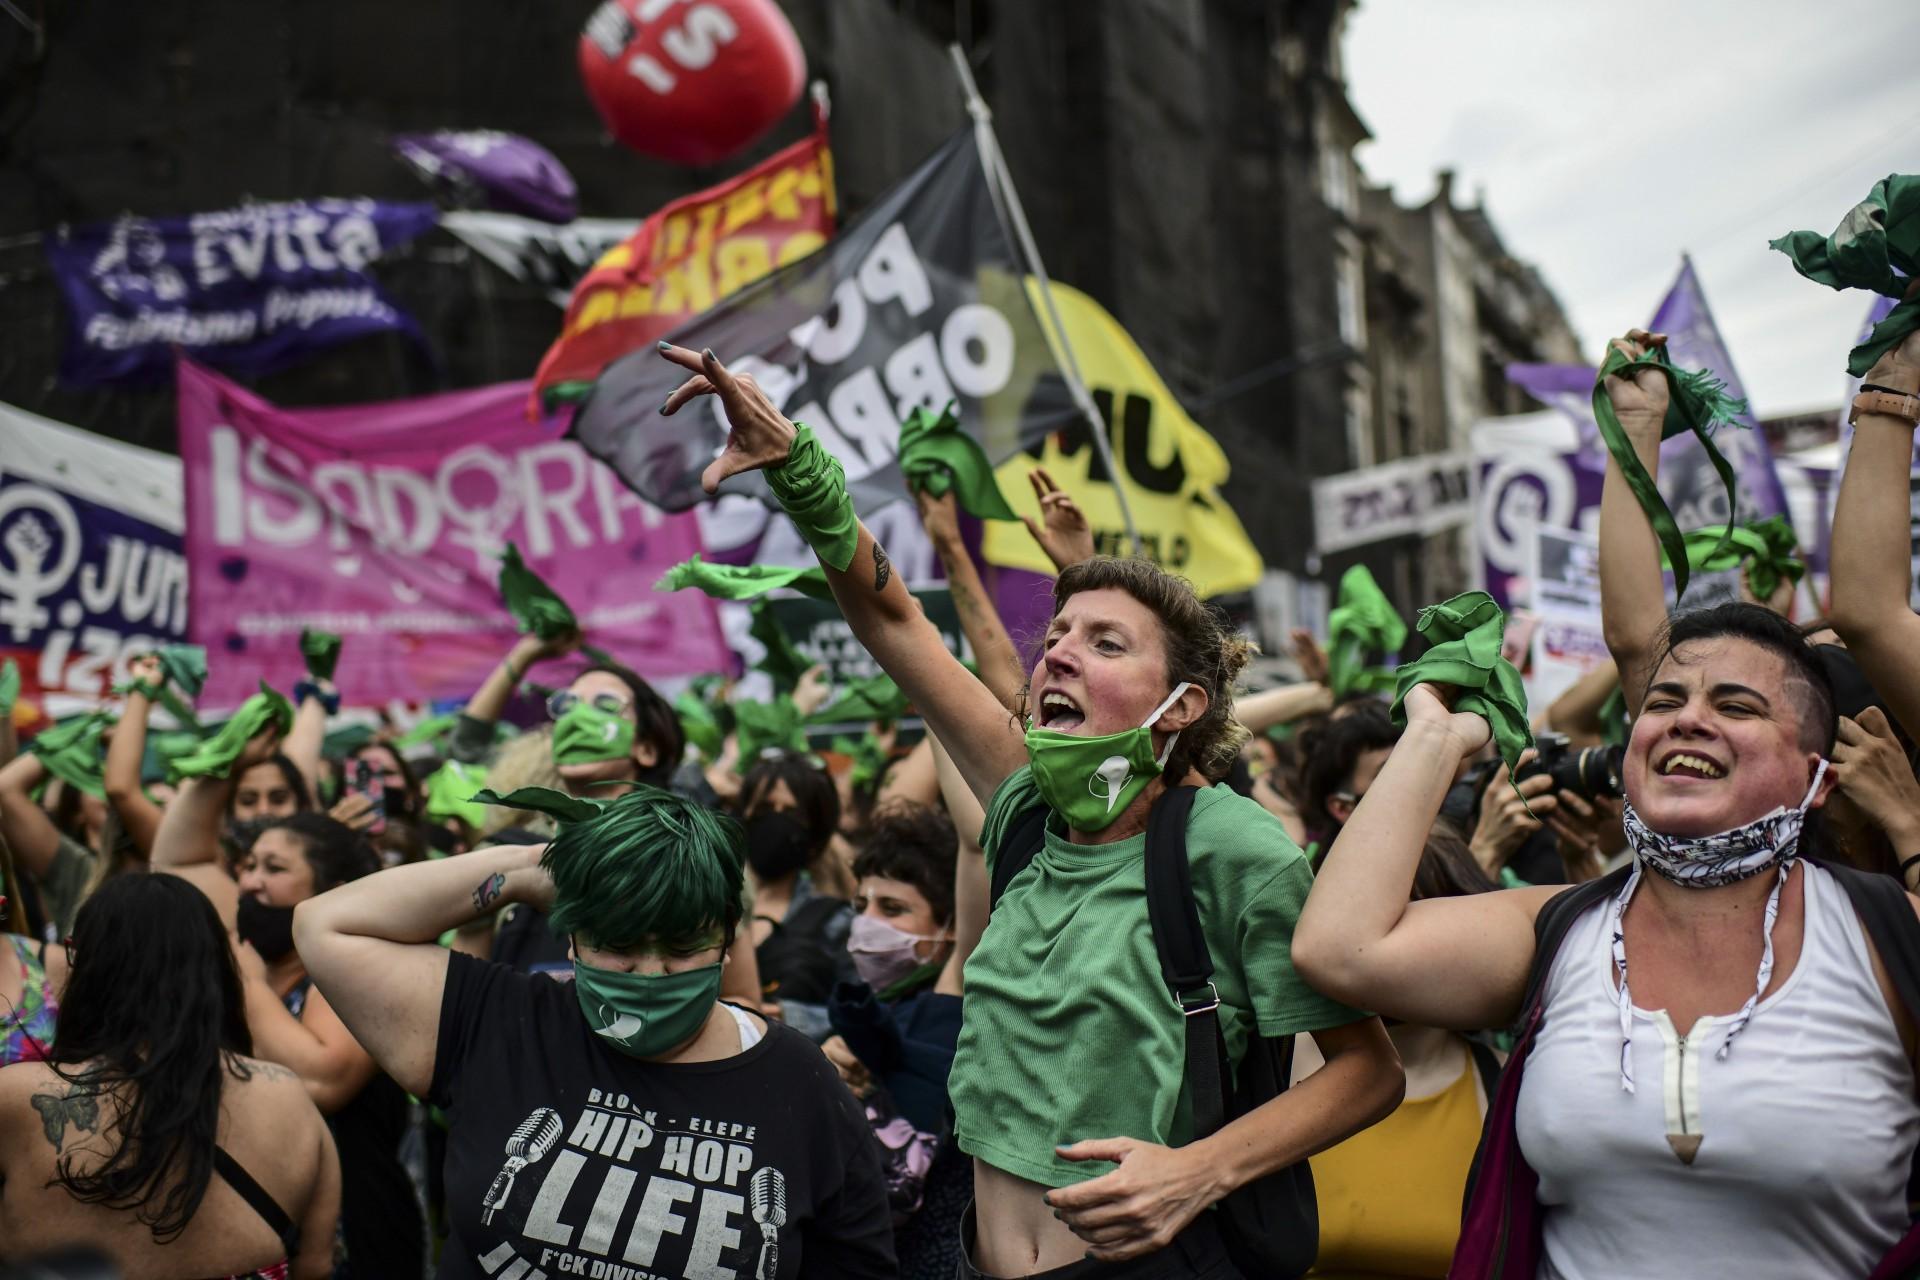 Em 11 de dezembro de 2020, manifestantes comemoram com lenços verdes - o símbolo dos ativistas pelos direitos do aborto - após a Câmara dos Deputados aprovar a descriminalização do aborto na Argentina.(Foto: AFP)